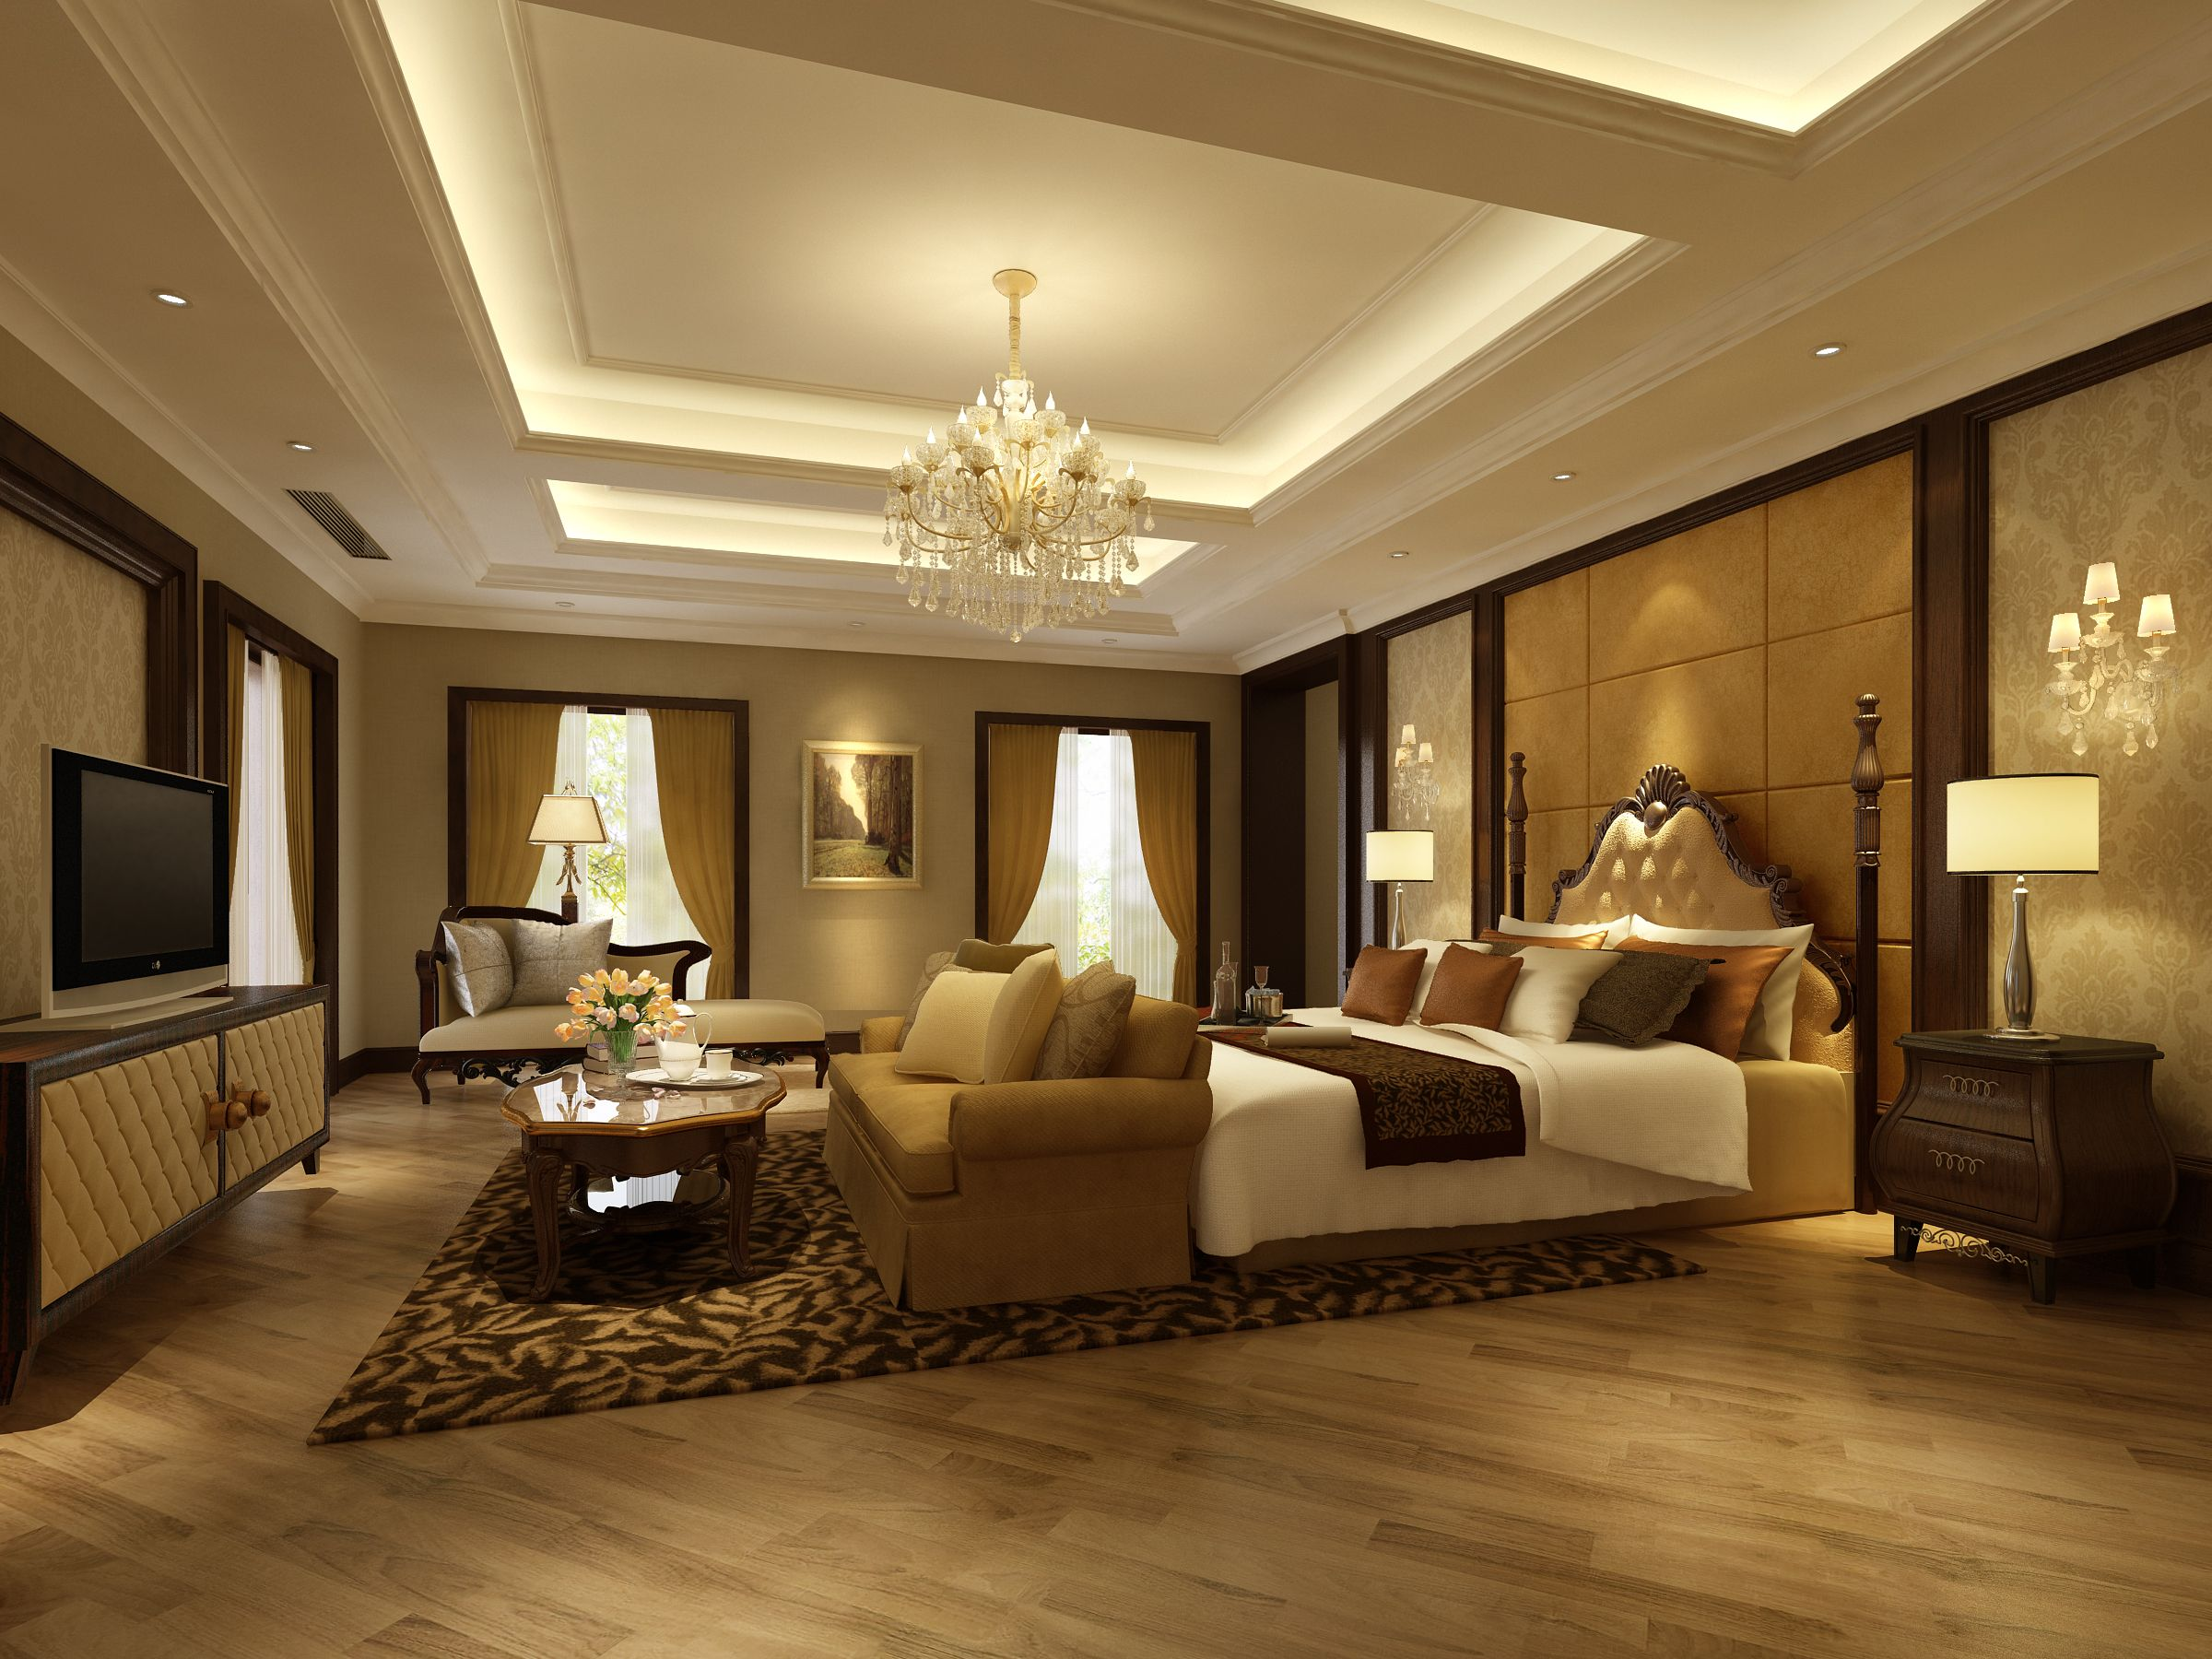 hotel room decorating ideas | ... -24 23:11:23 interior ...